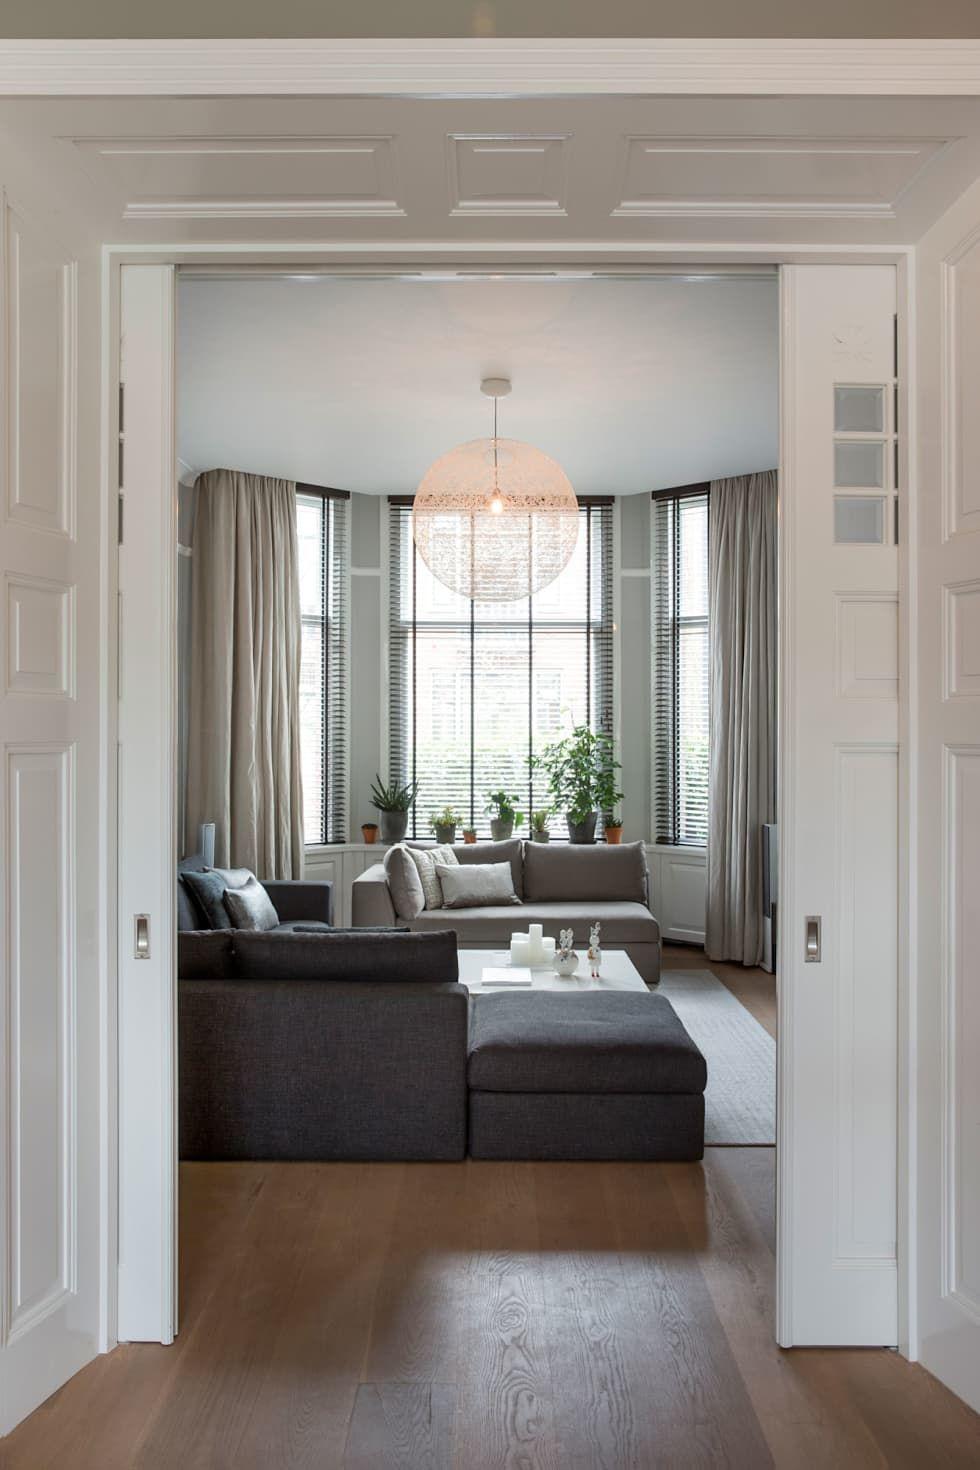 Wohnzimmer des modernen interieurs des hauses luxe woonkamer in warm herenhuis moderne woonkamer door choc studio